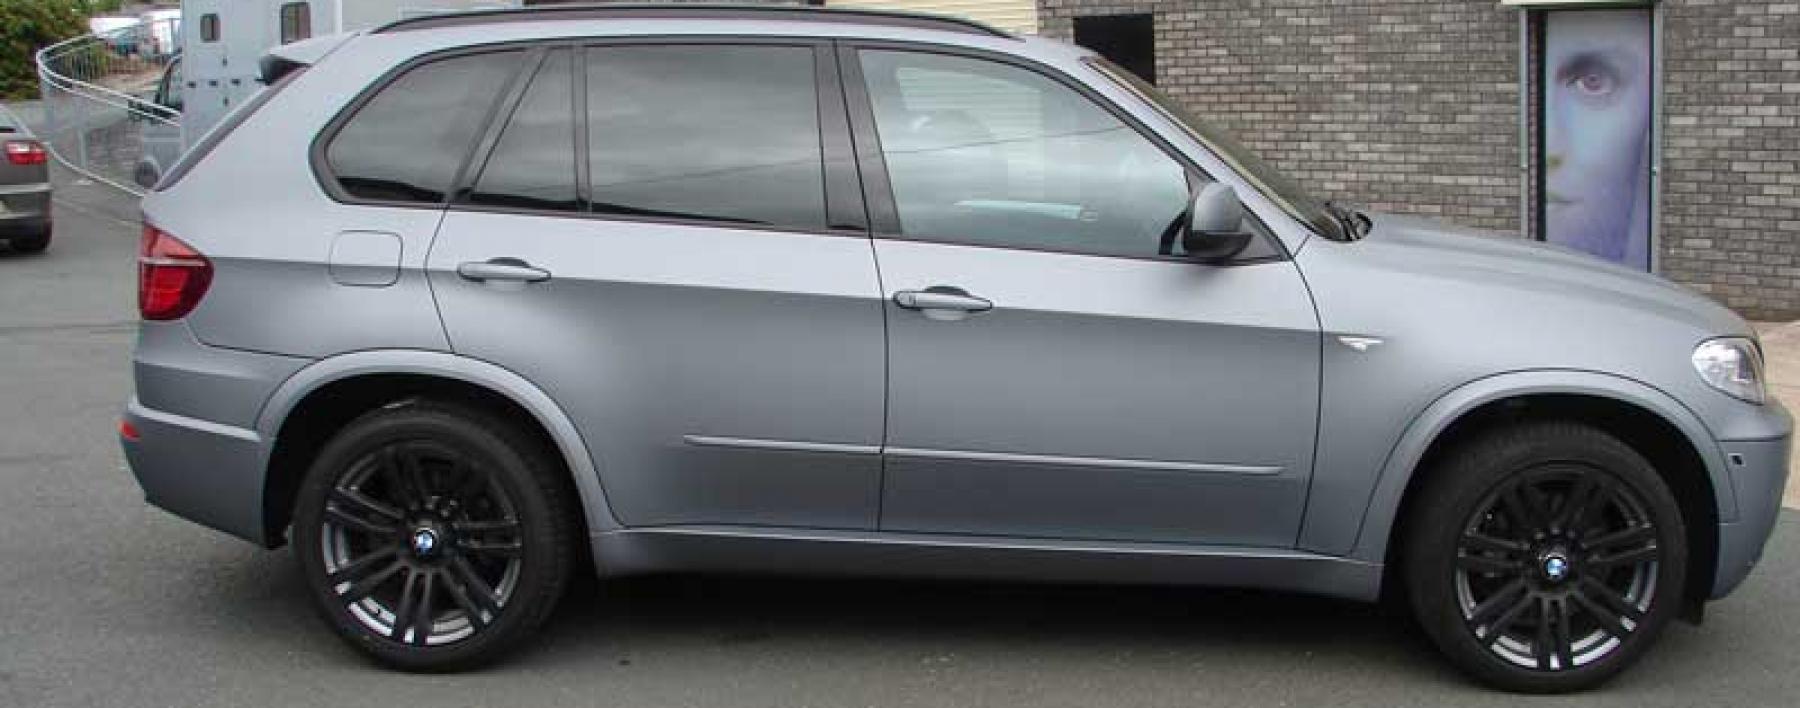 Bmw X5 Matte Grey Colour Change Wrap Astsigns